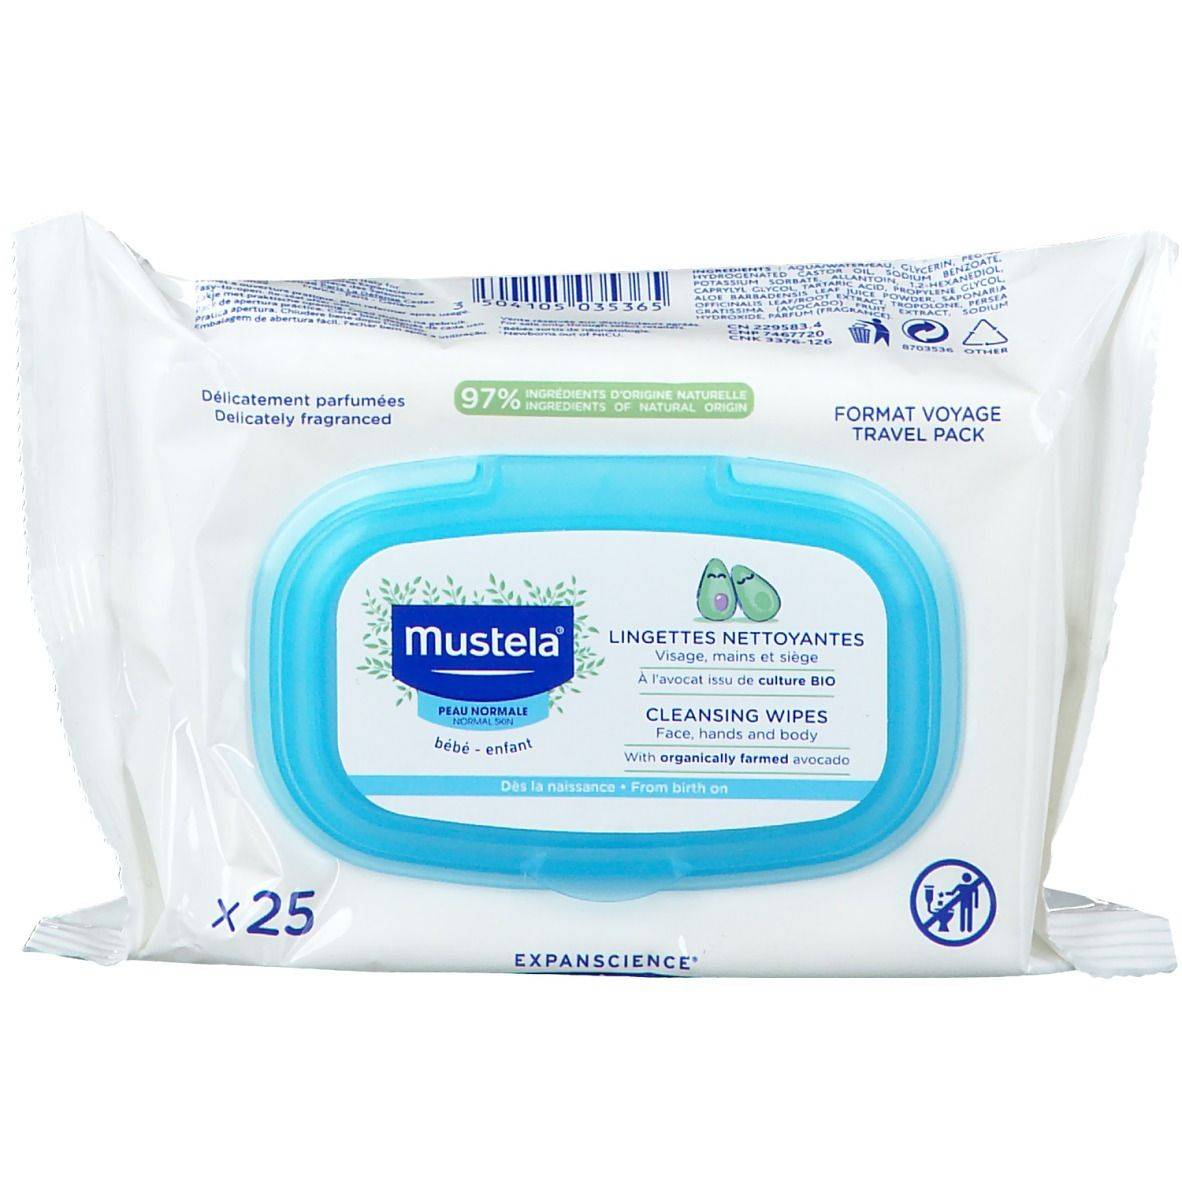 mustela® Bébé Enfant Lingettes Nettoyantes Peau Normale pc(s) lingette(s)